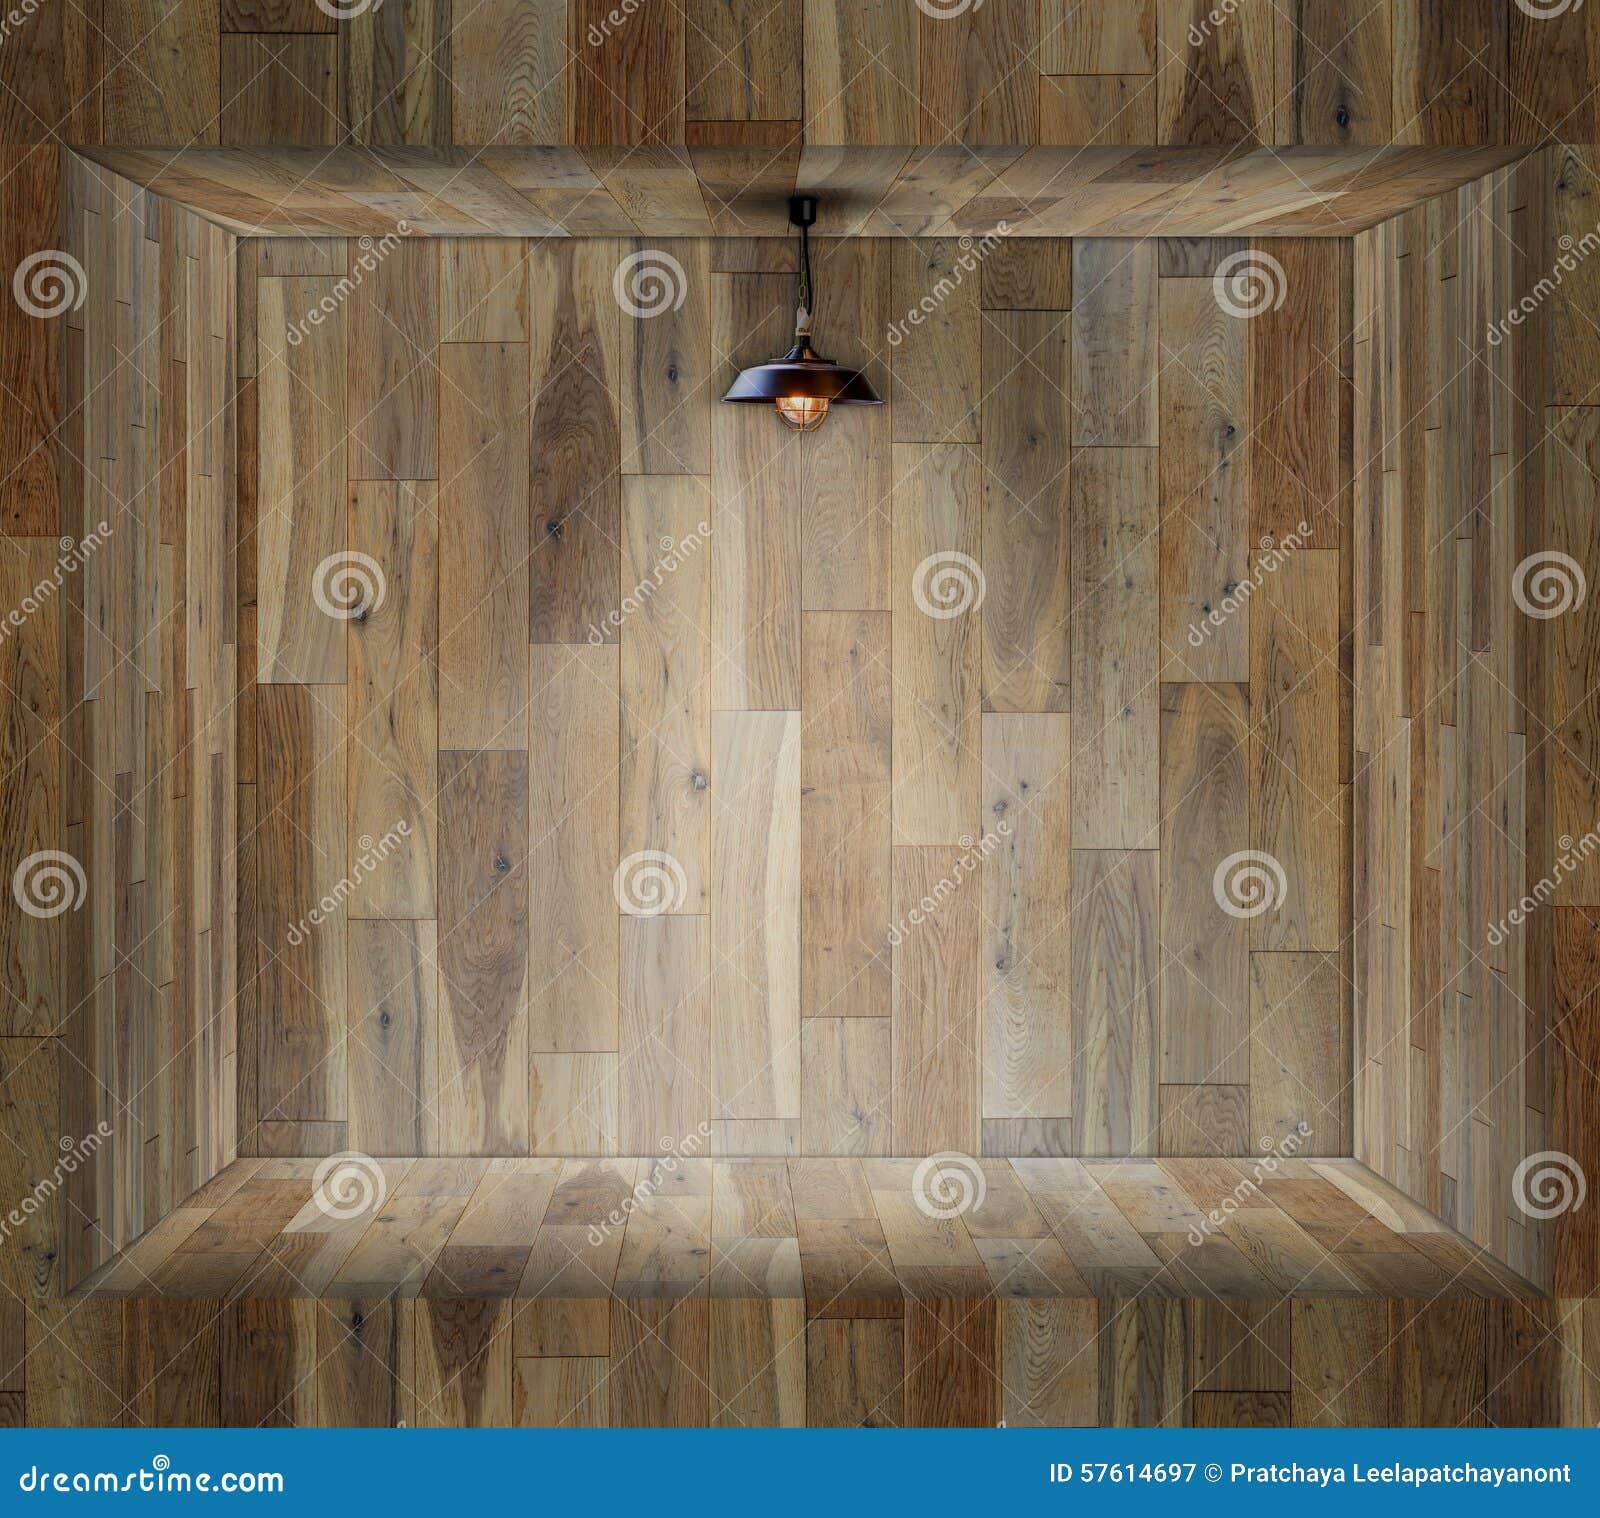 Lampade soffitto legno: lampada in legno con colori pastello slope ...